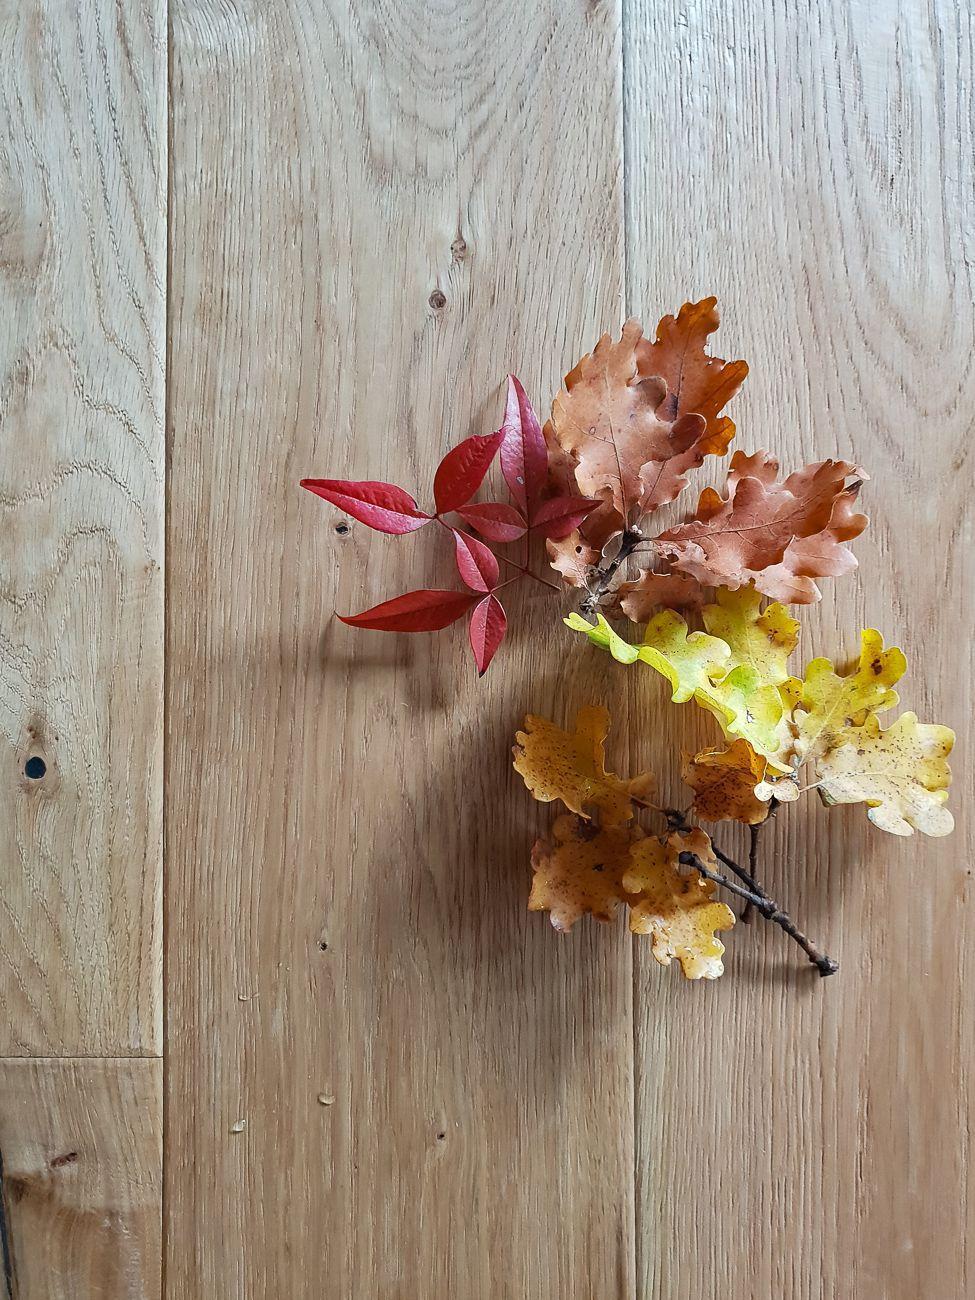 Le tavole in legno di rovere di Hometrèschich